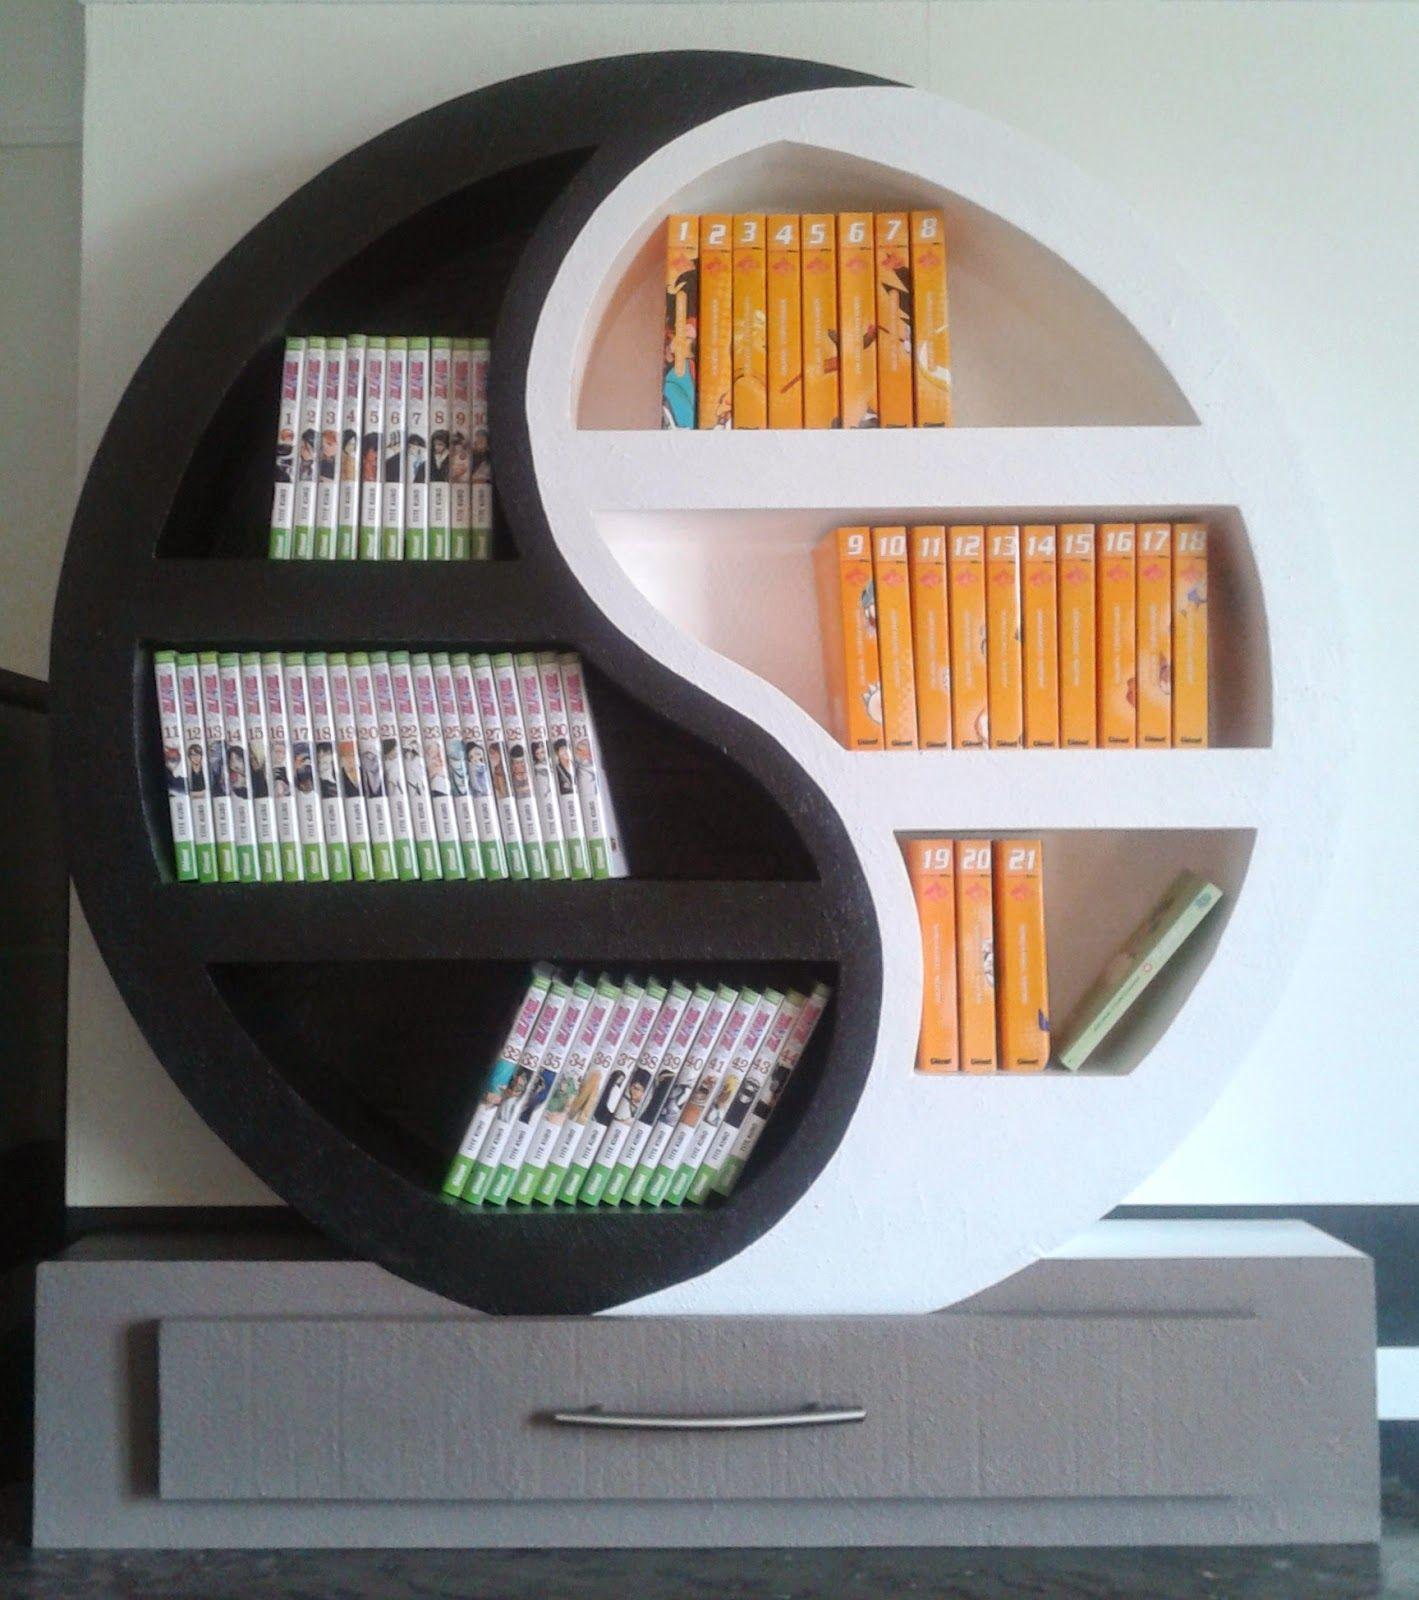 Sabine cr a carton etagere ying yang meubles en carton for Meuble ying yang